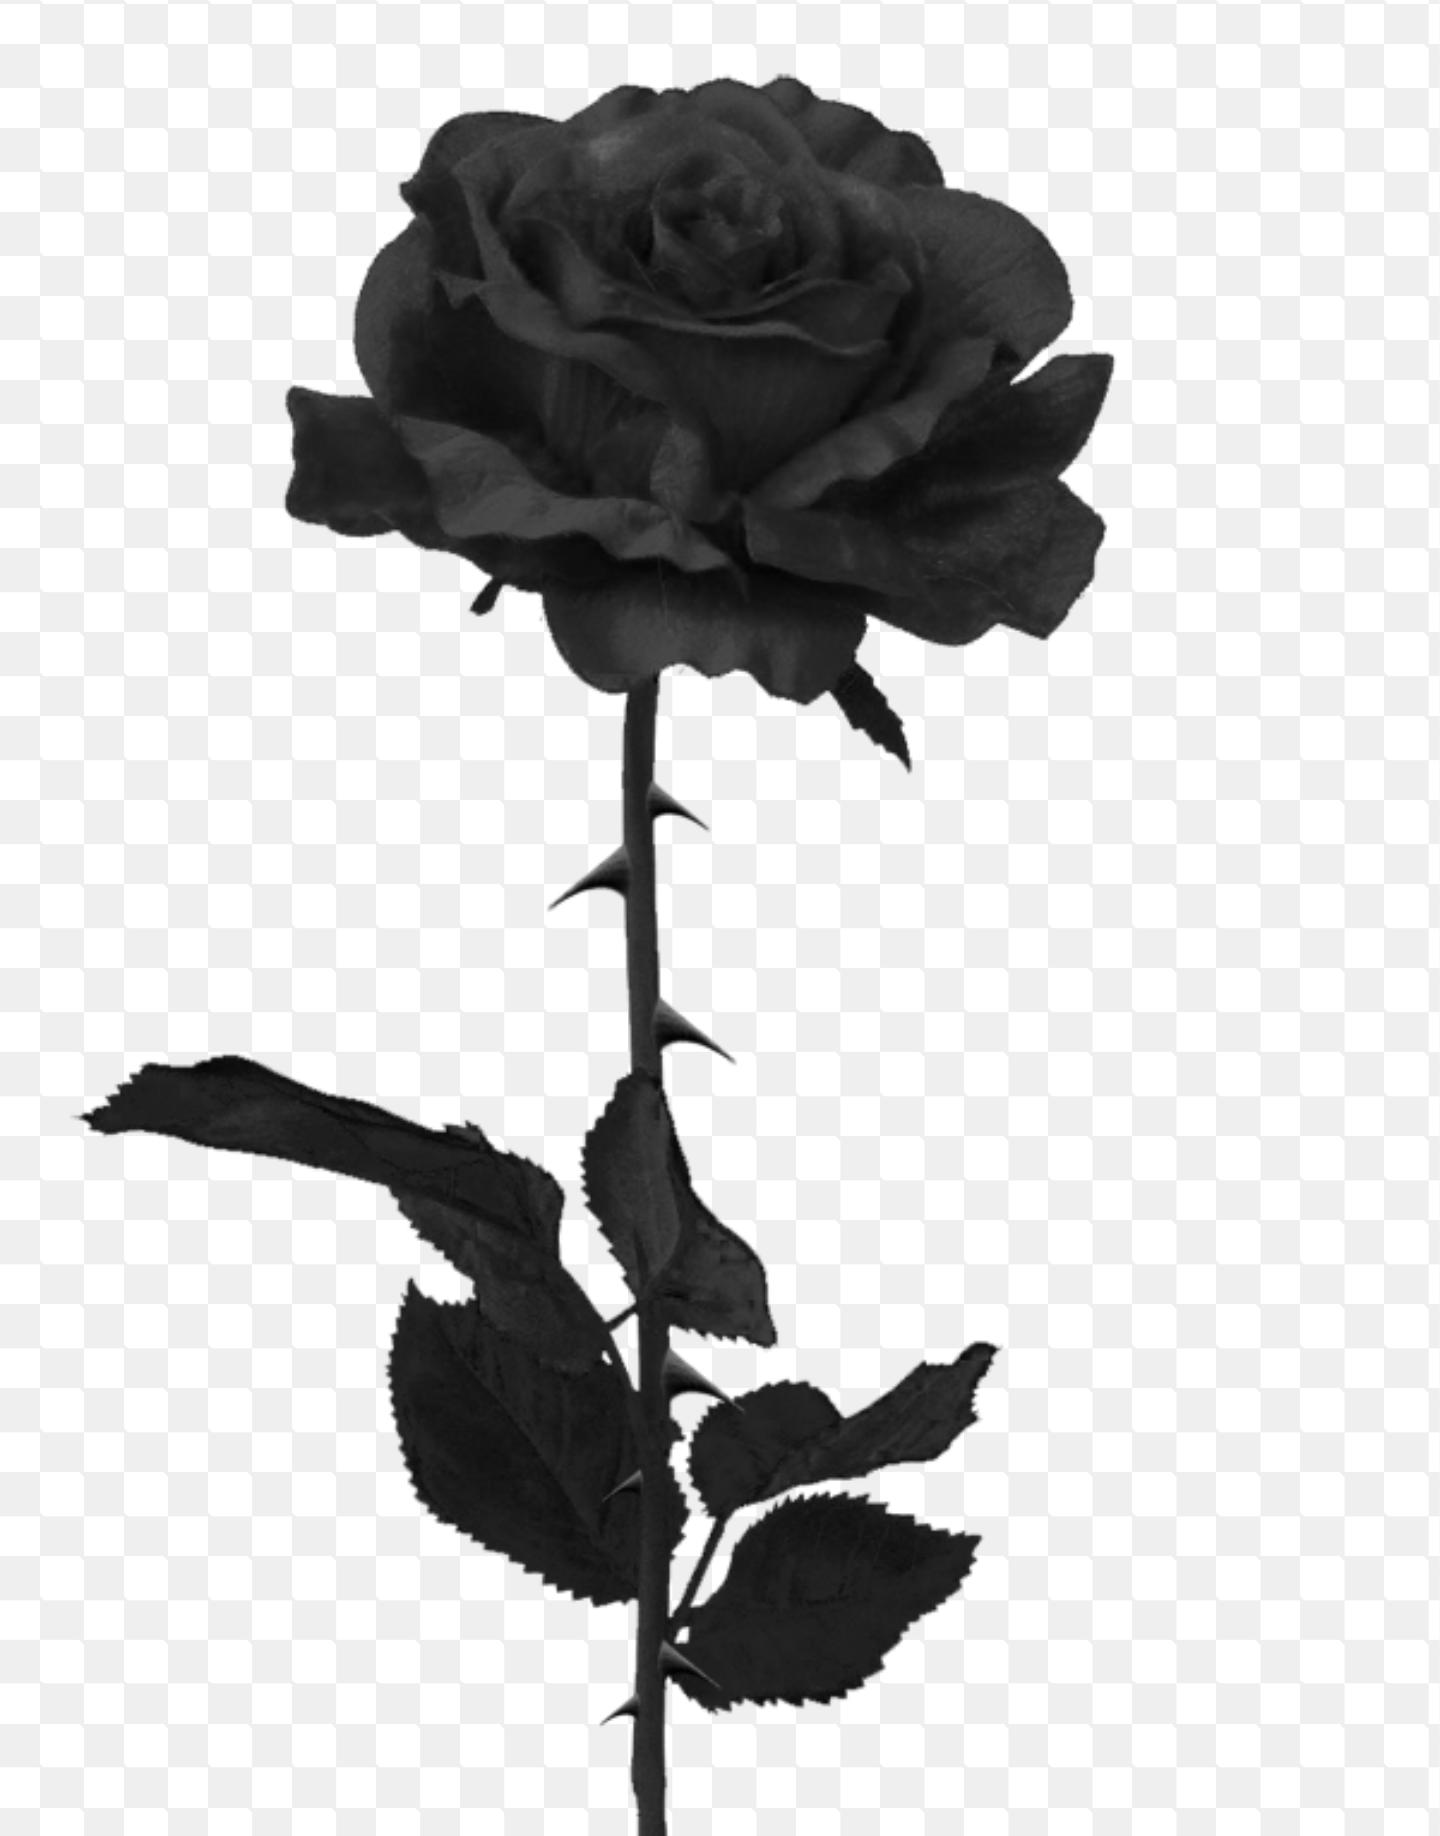 Black Rose Black Rose Tattoos Single Rose Tattoos Rose Thorn Tattoo